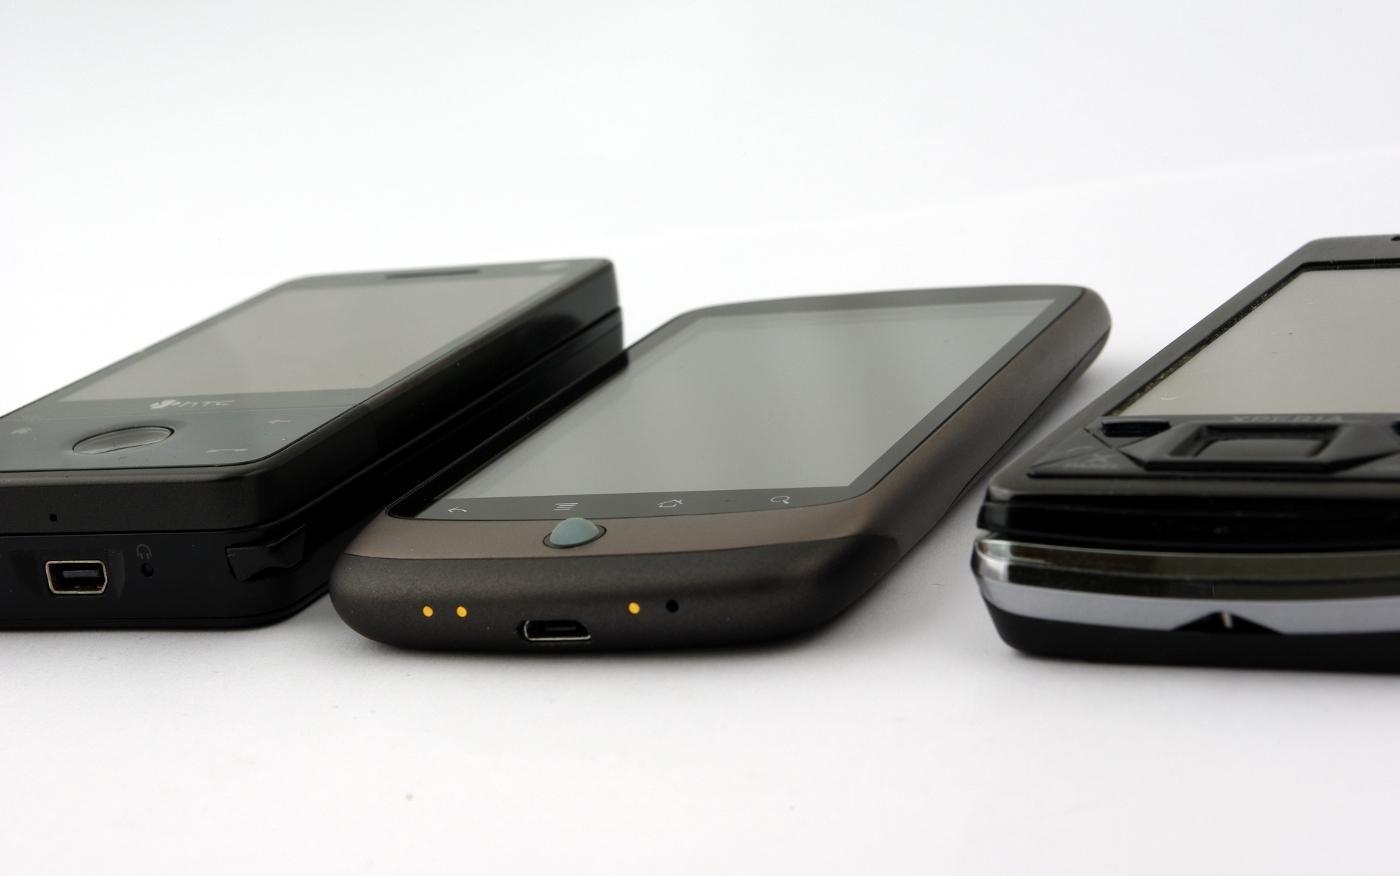 Nexus One er definitivt hendigere enn fulltastaturmobiler som HTC Touch Pro og Sony Ericsson Xperia X1.